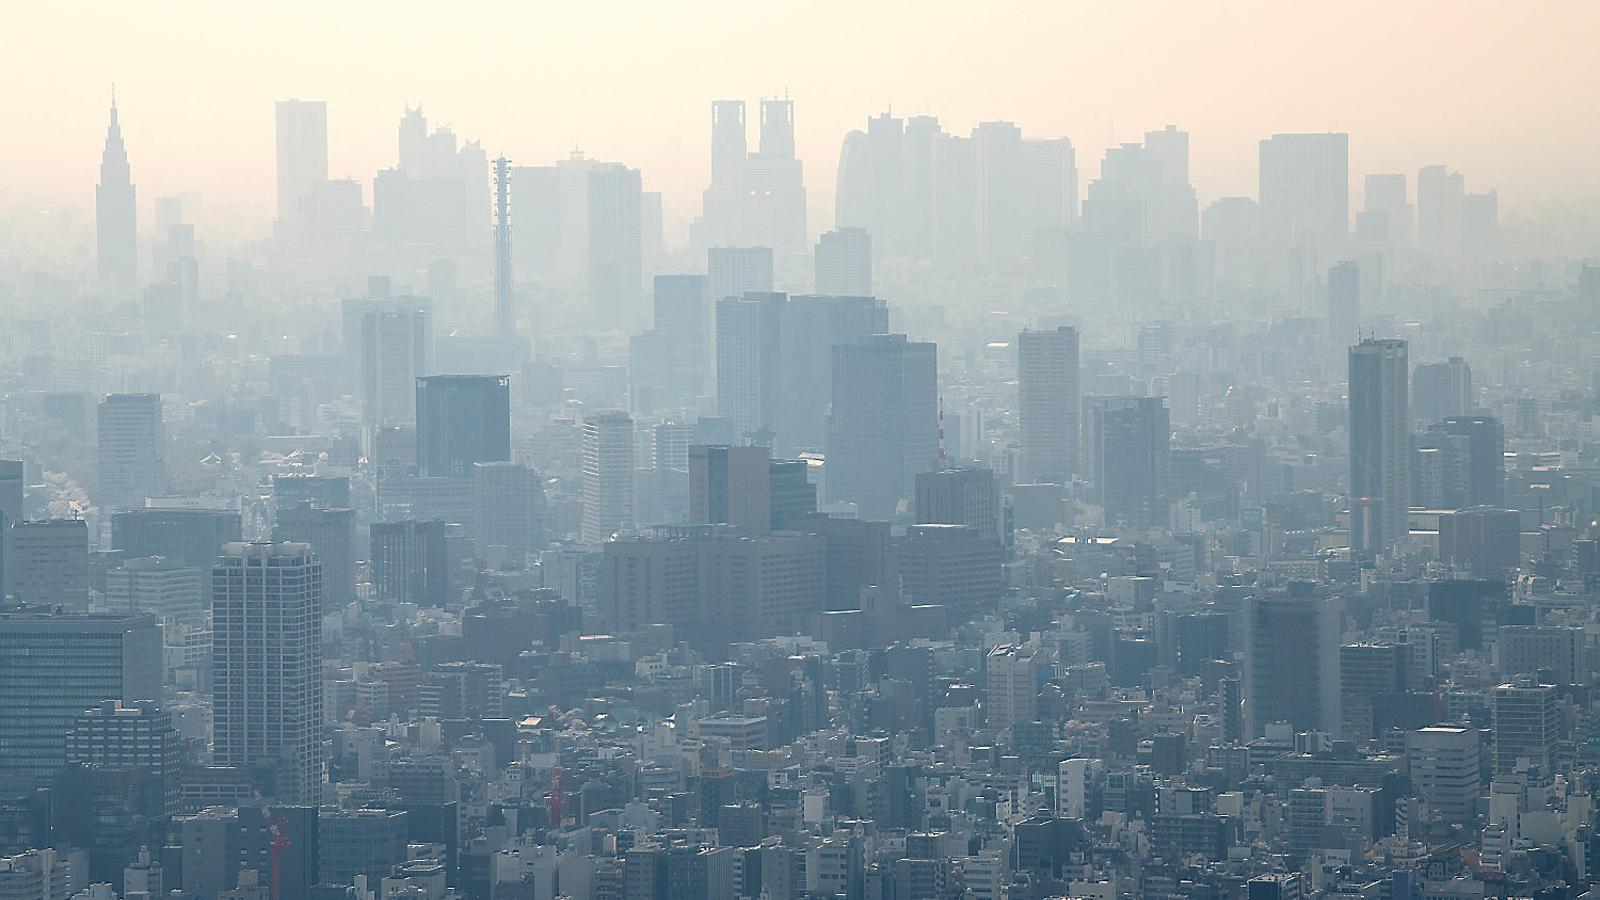 Tòquio, que també pateix la pol·lució, és la ciutat més poblada del C40.